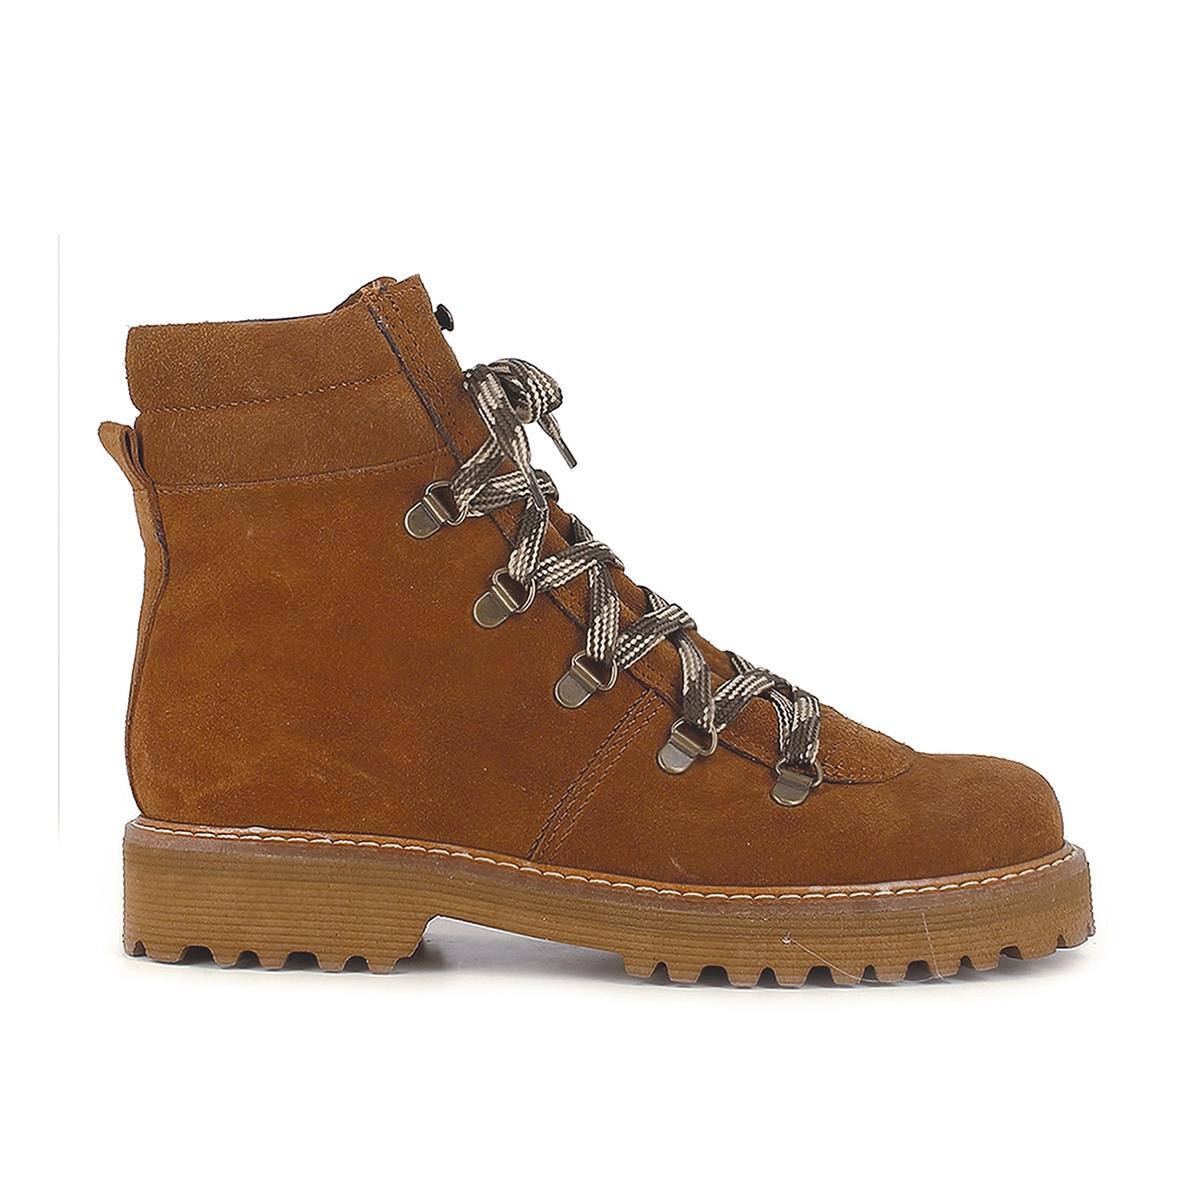 Ботинки кожаные на шнуровке ботинки женские зимние на шнуровке без каблука купить